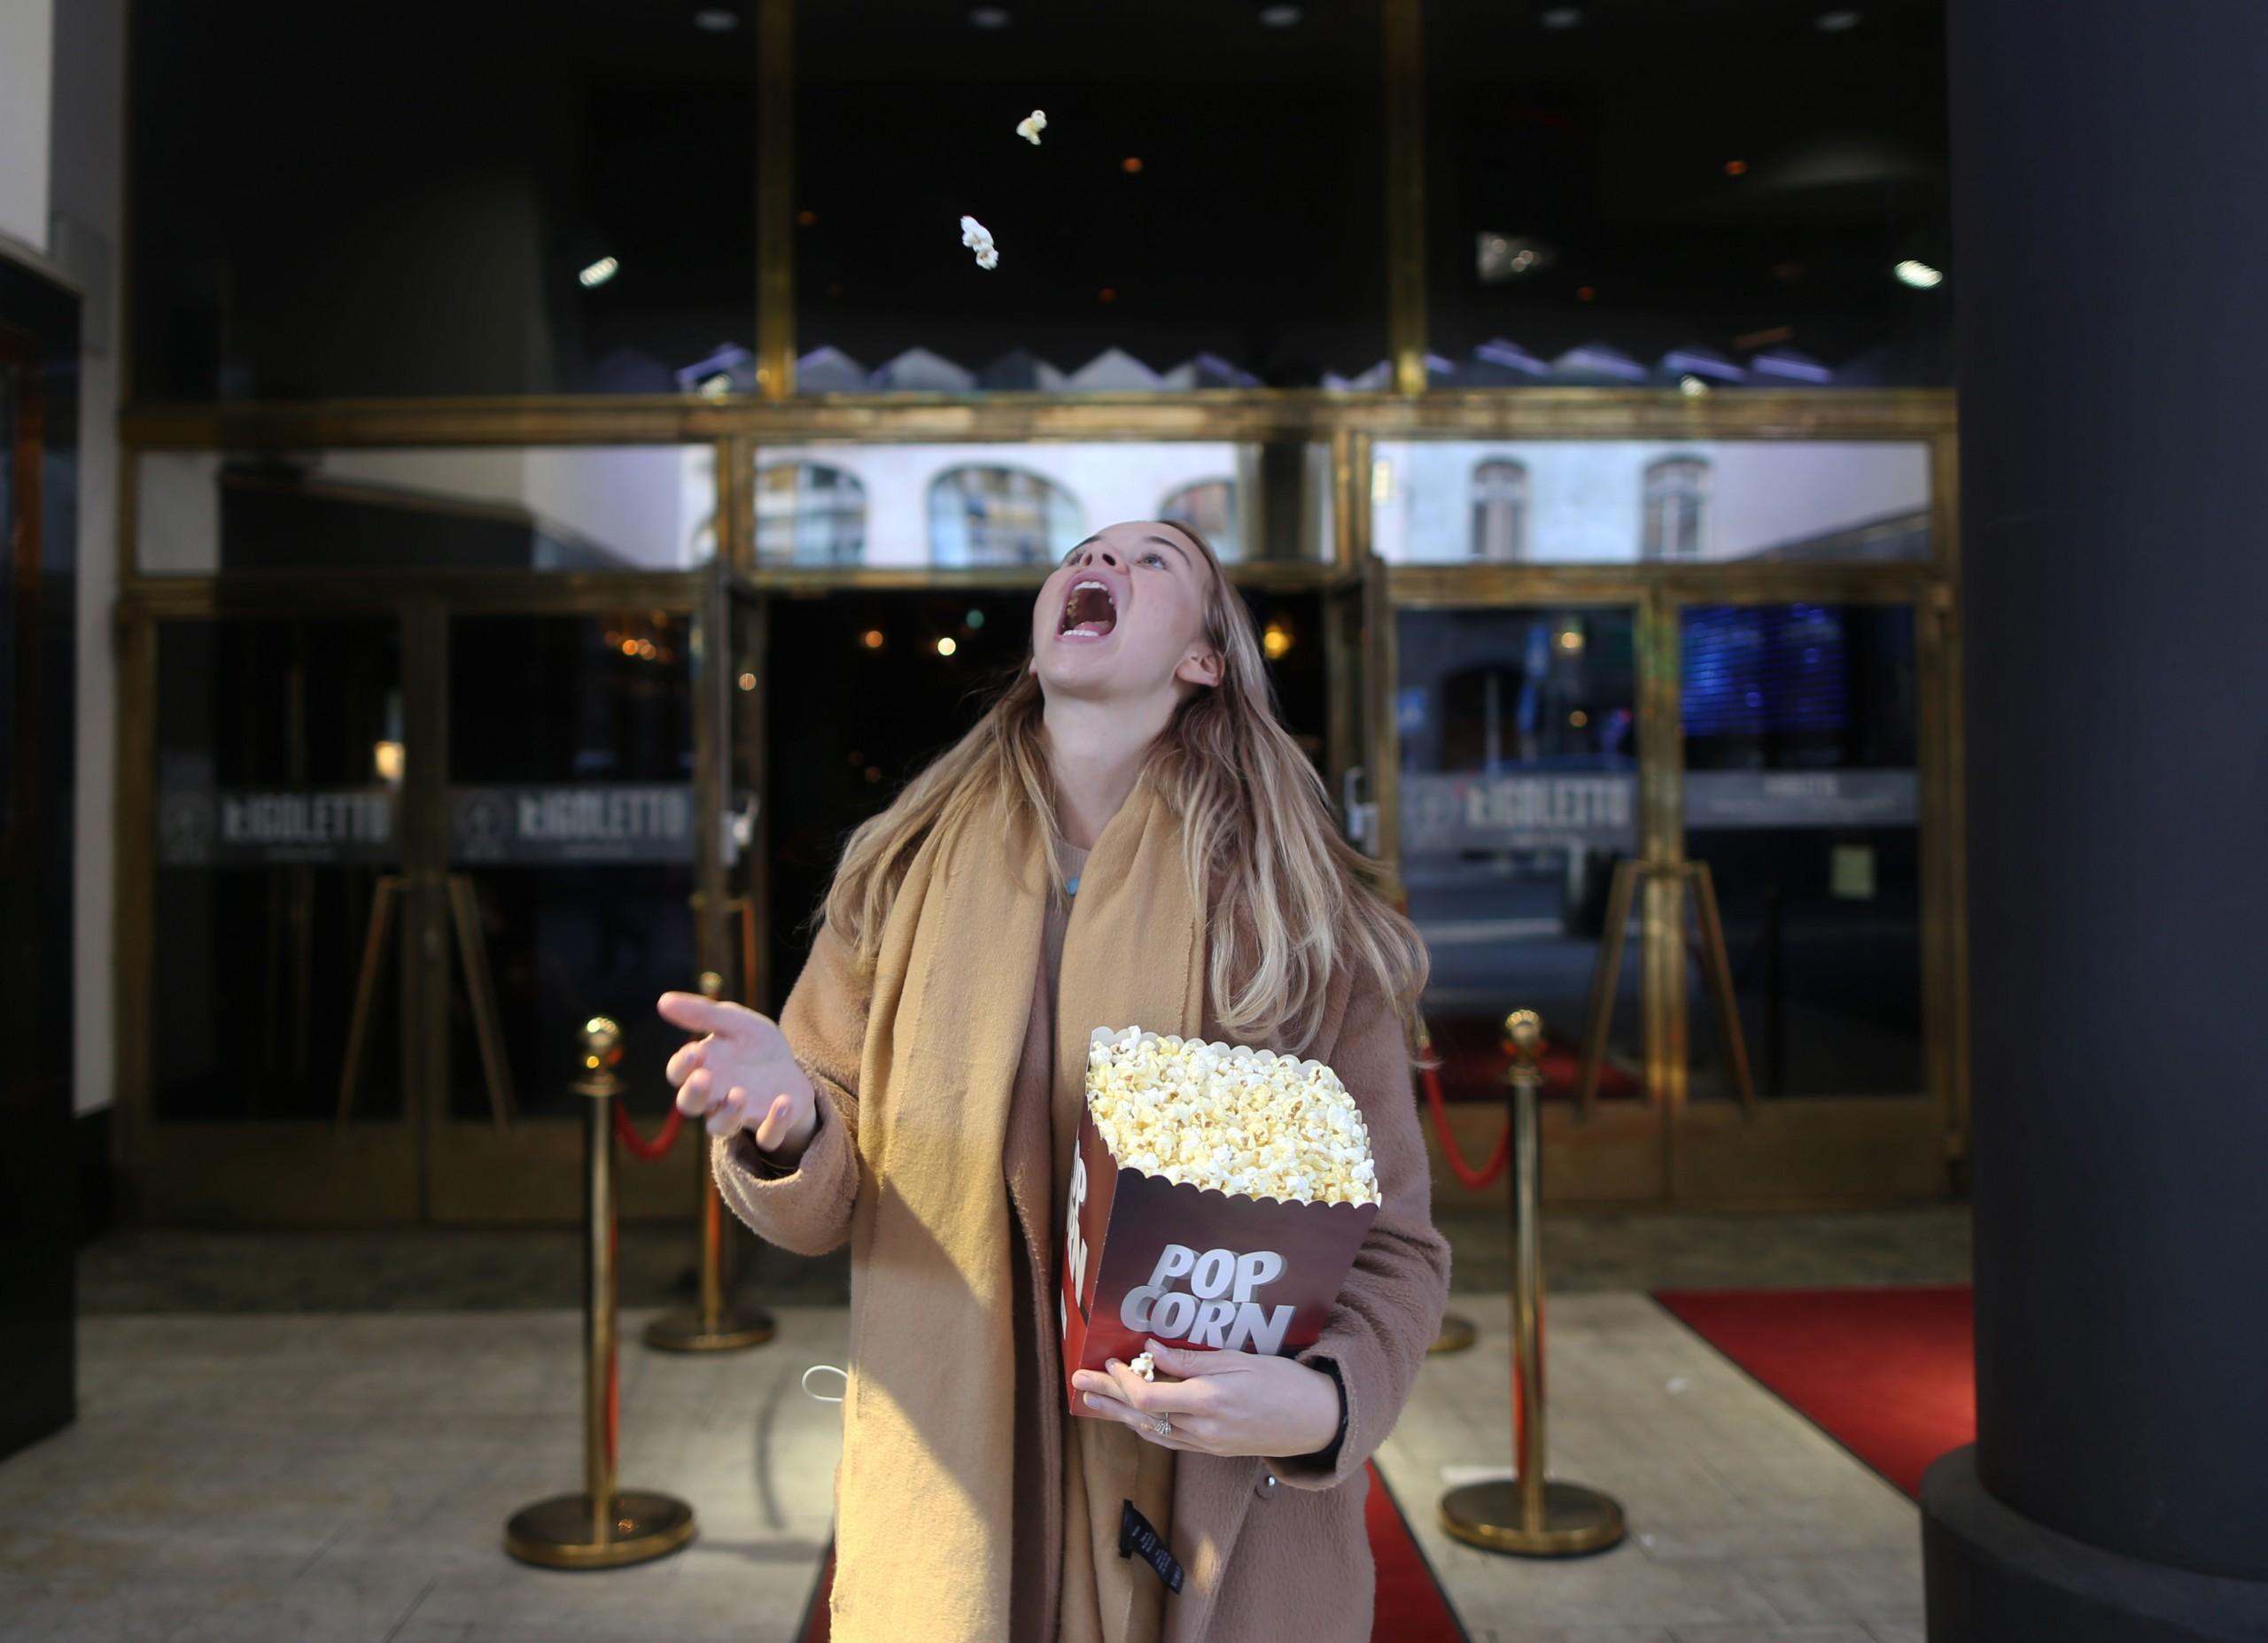 Popcorn och Hogwarts